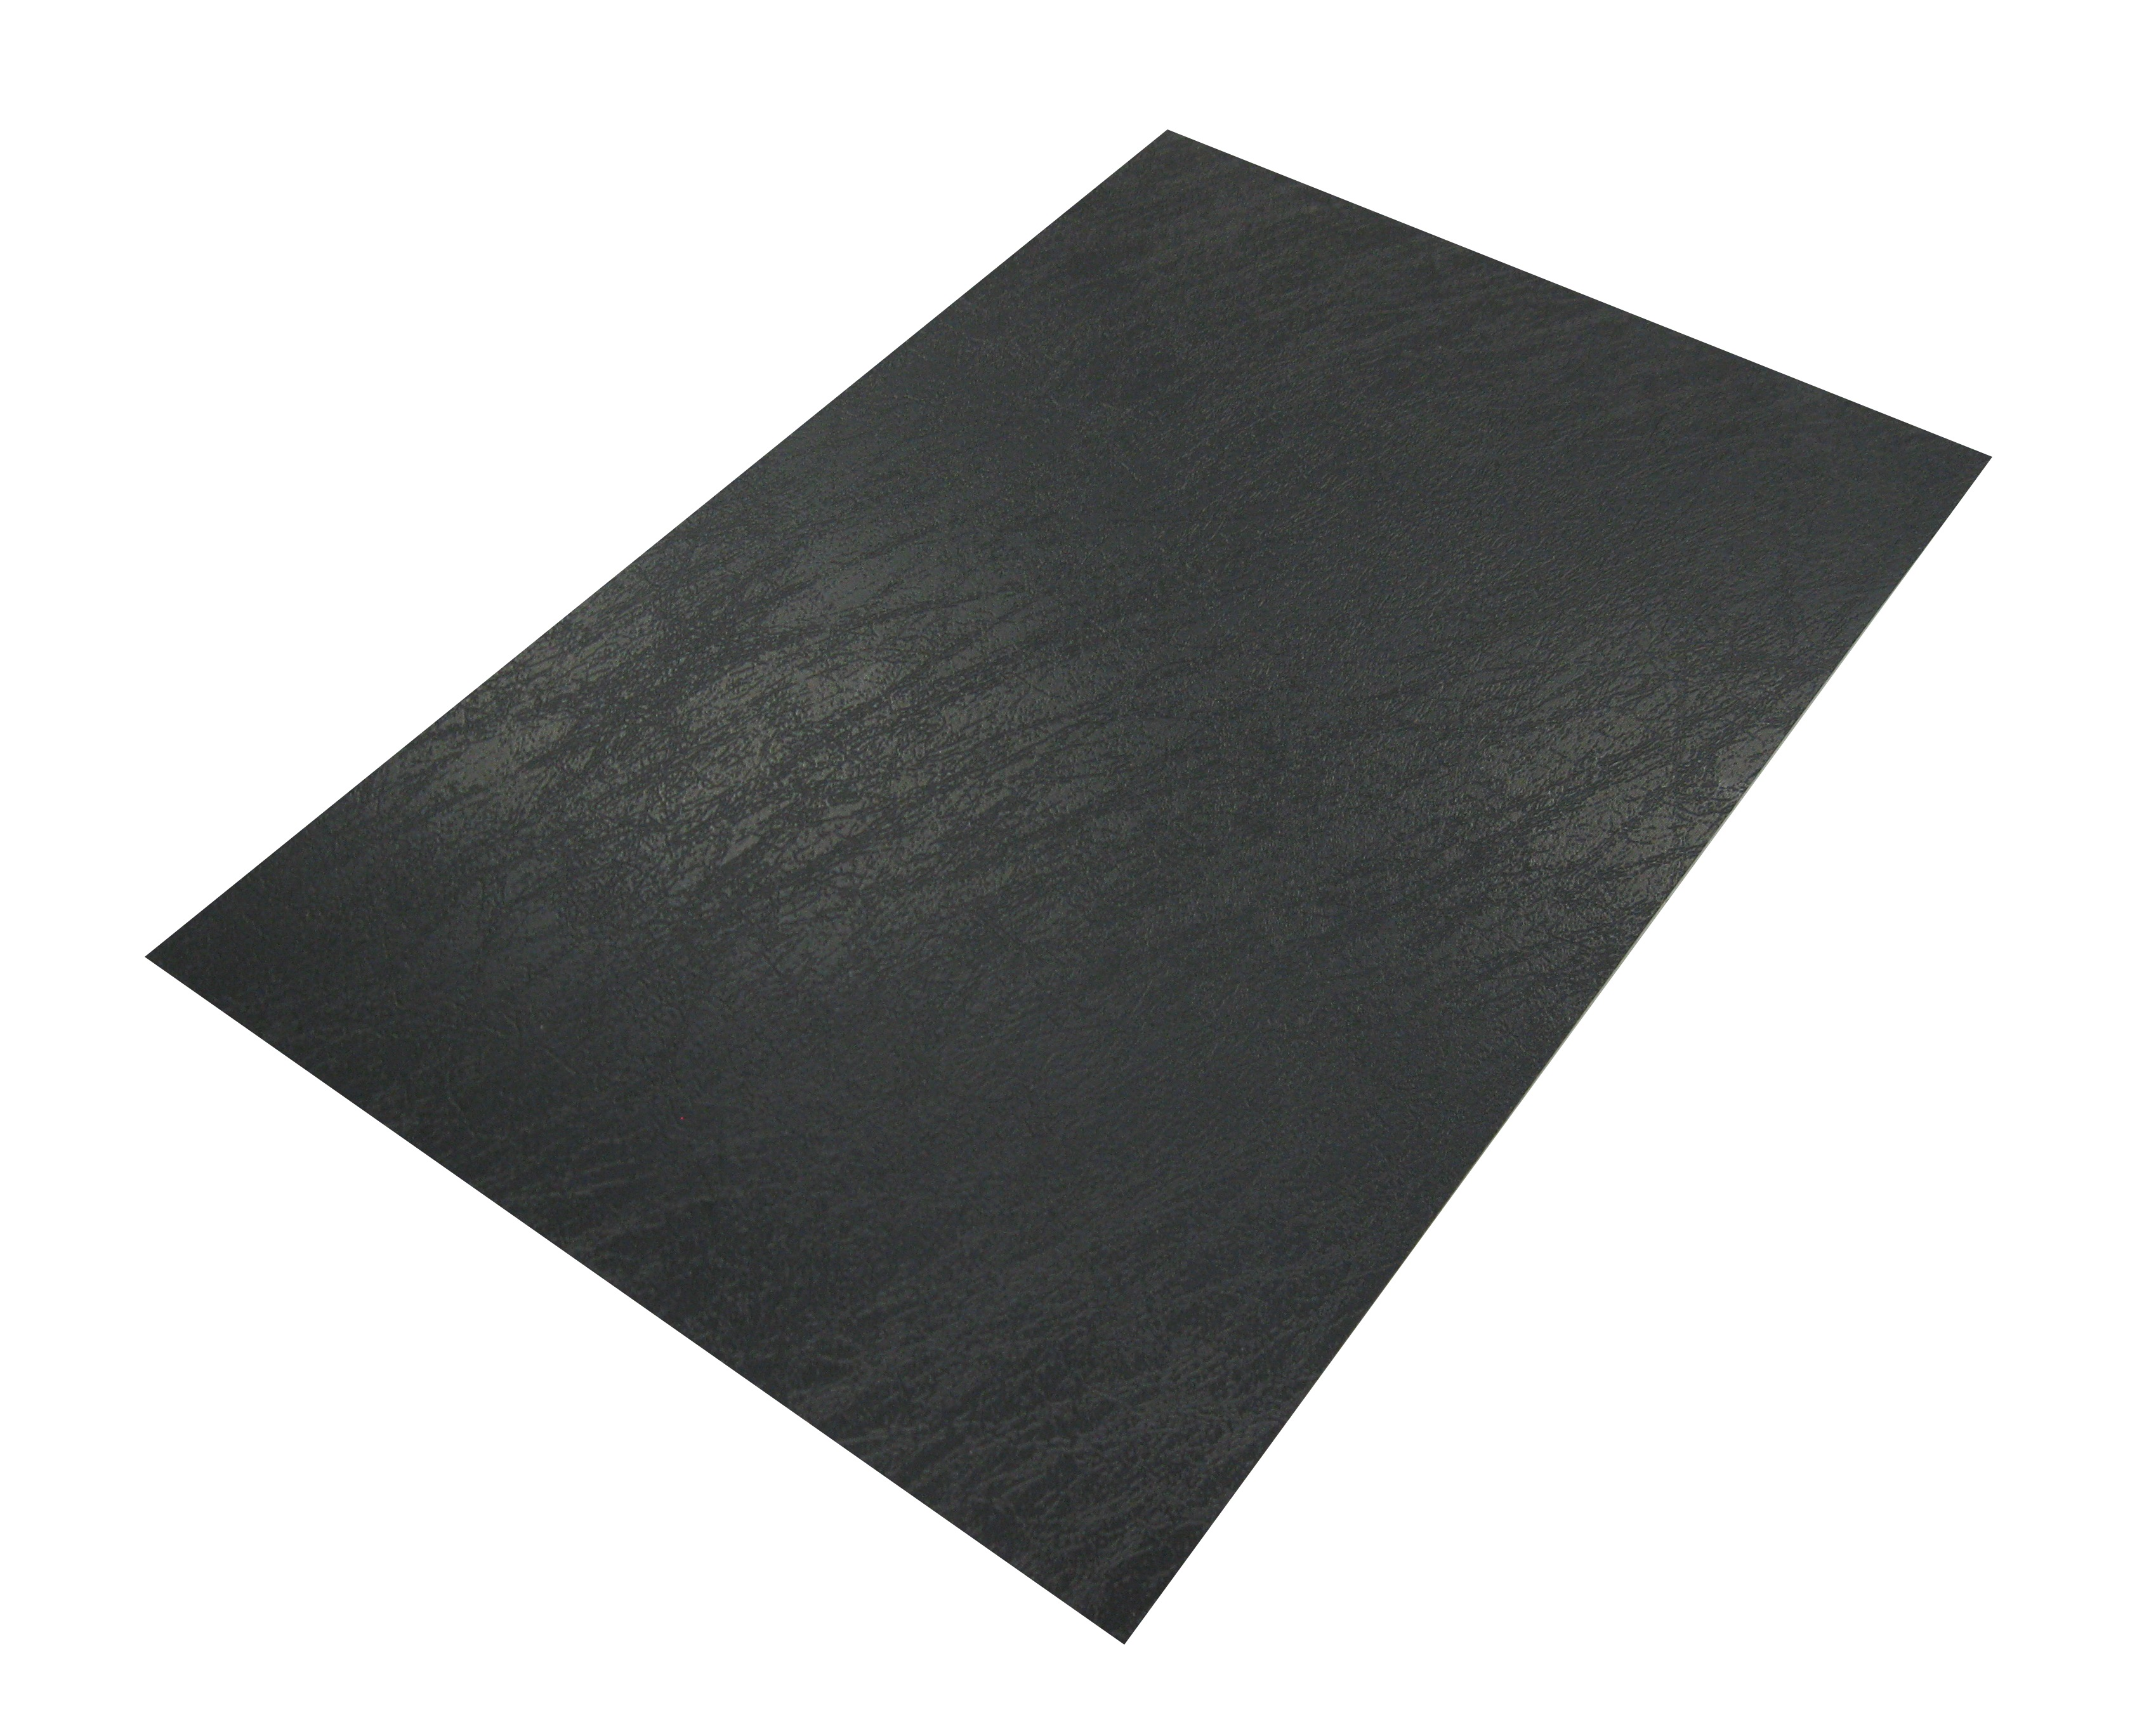 クリーンボード導電板 3mm×910mm×1820mm(N26-001)【4枚セット】